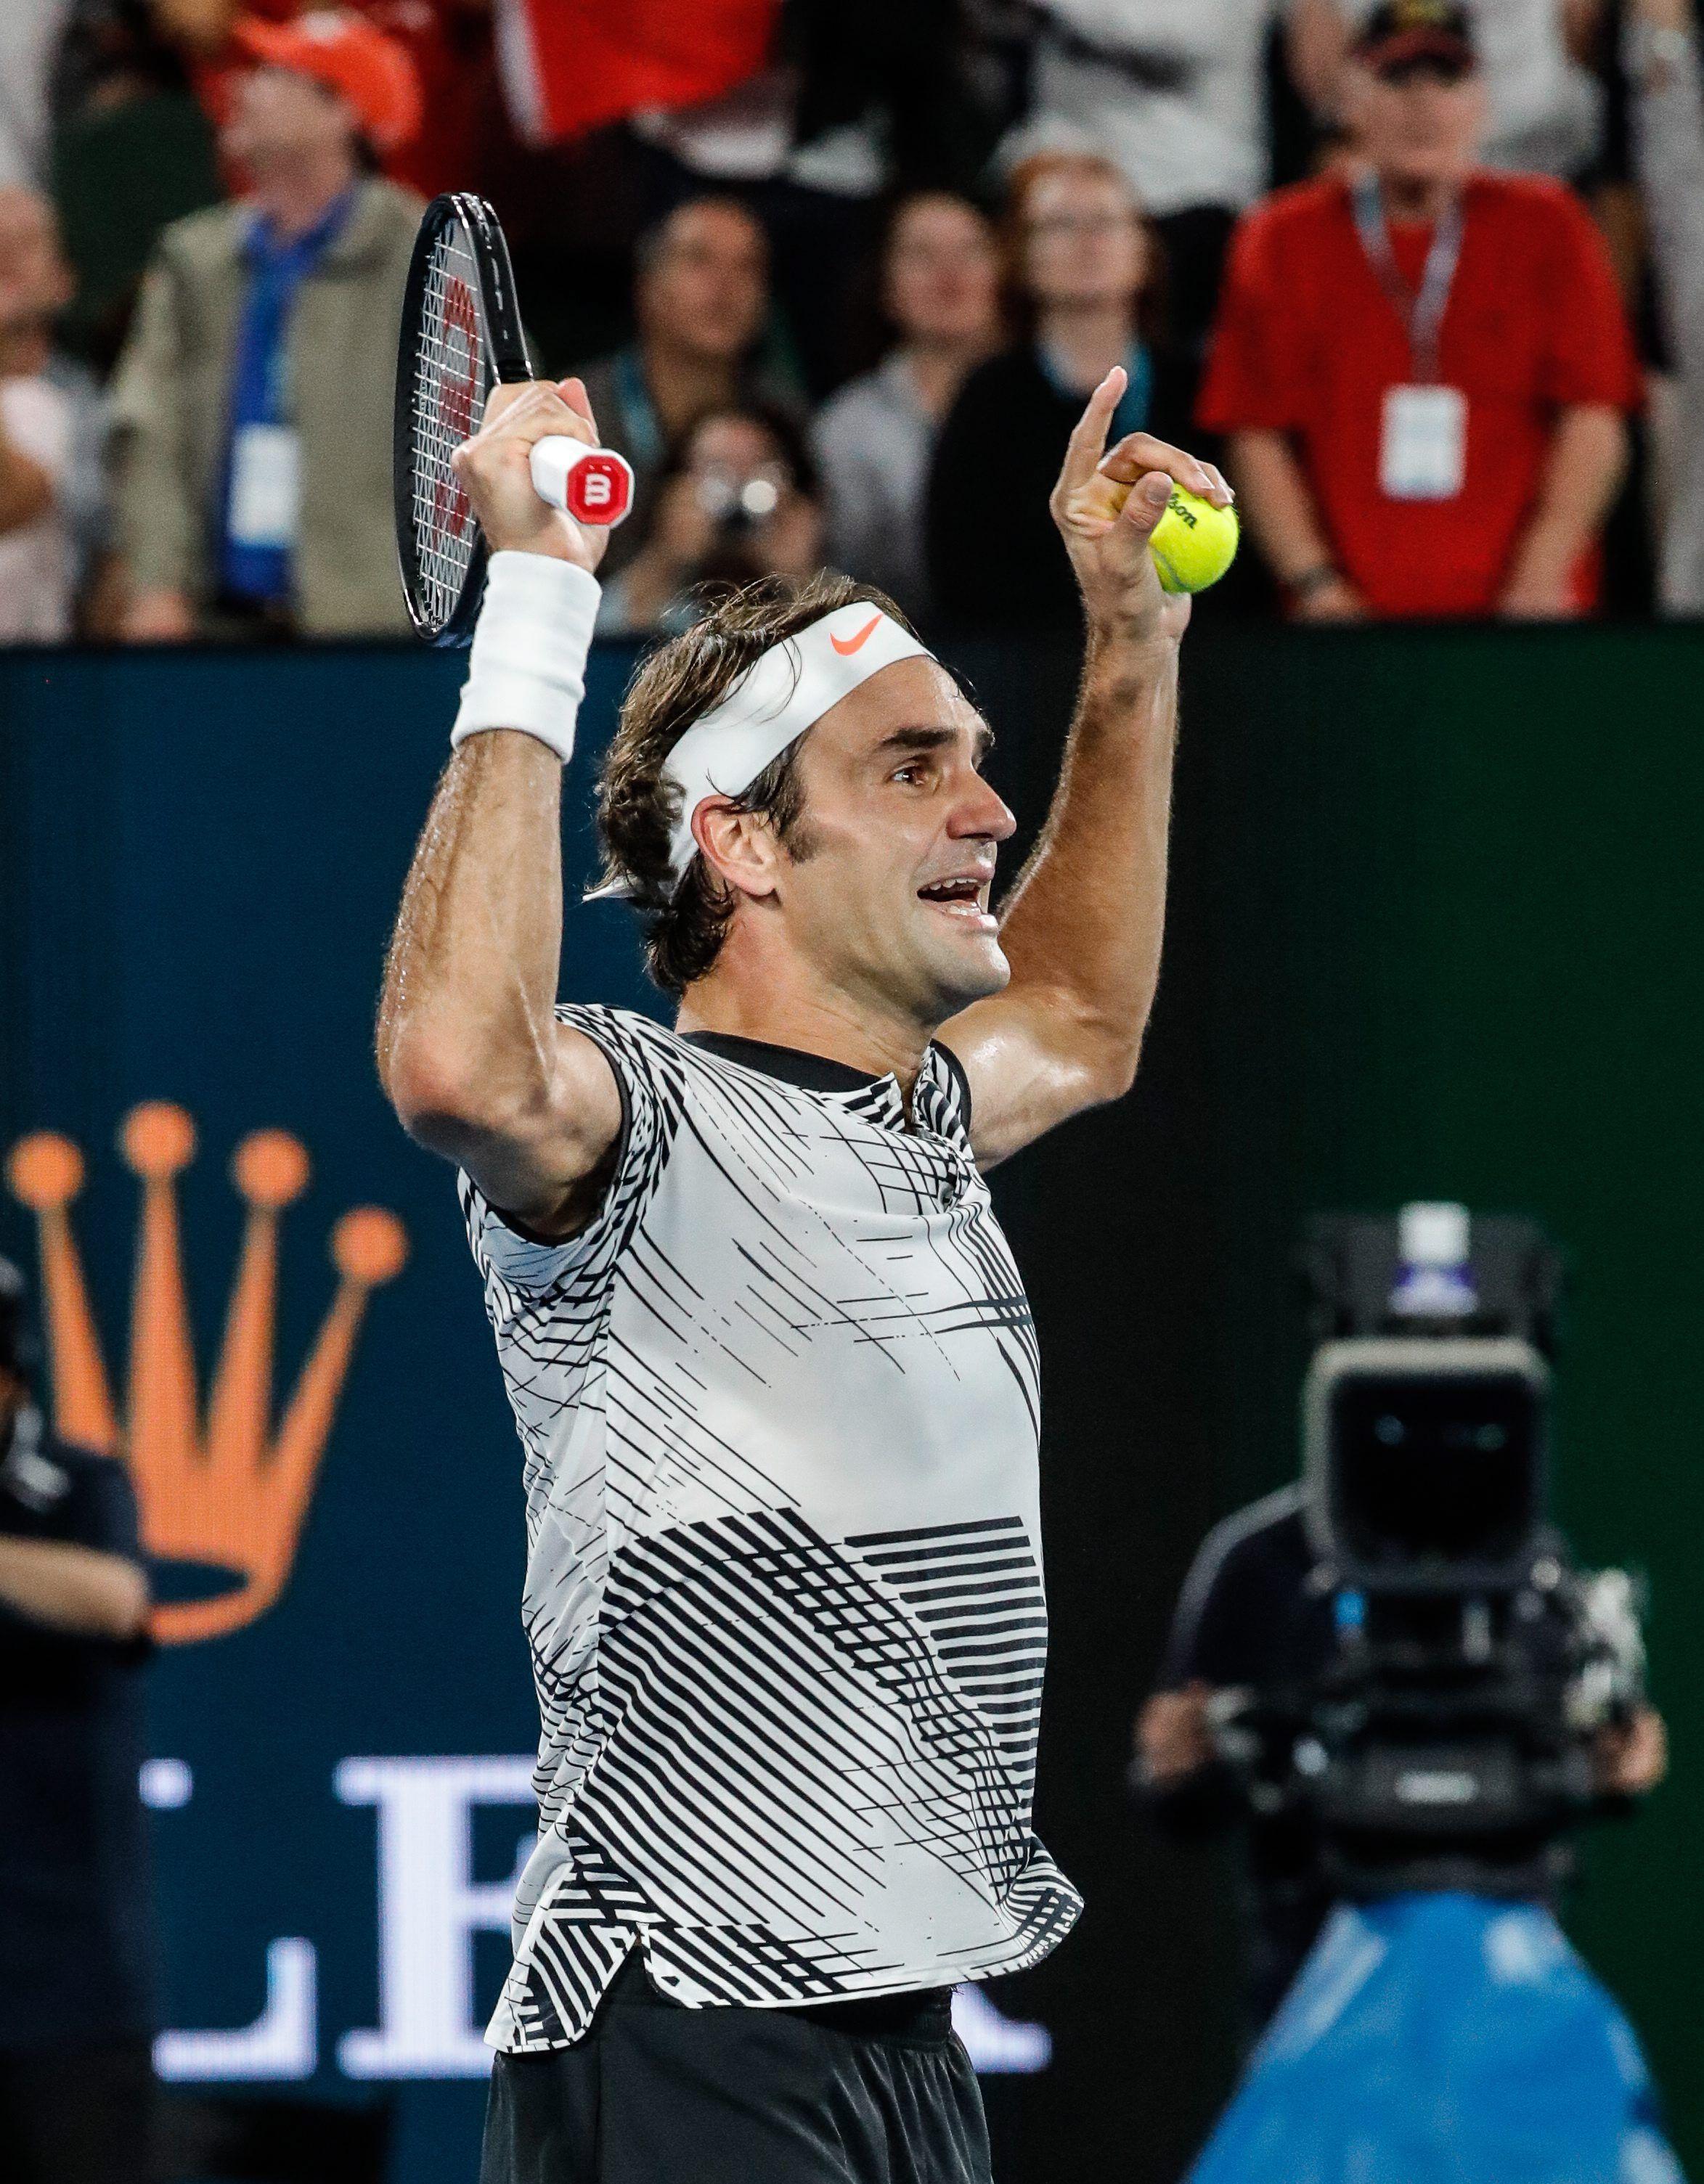 La emoción de Federer tras el último punto